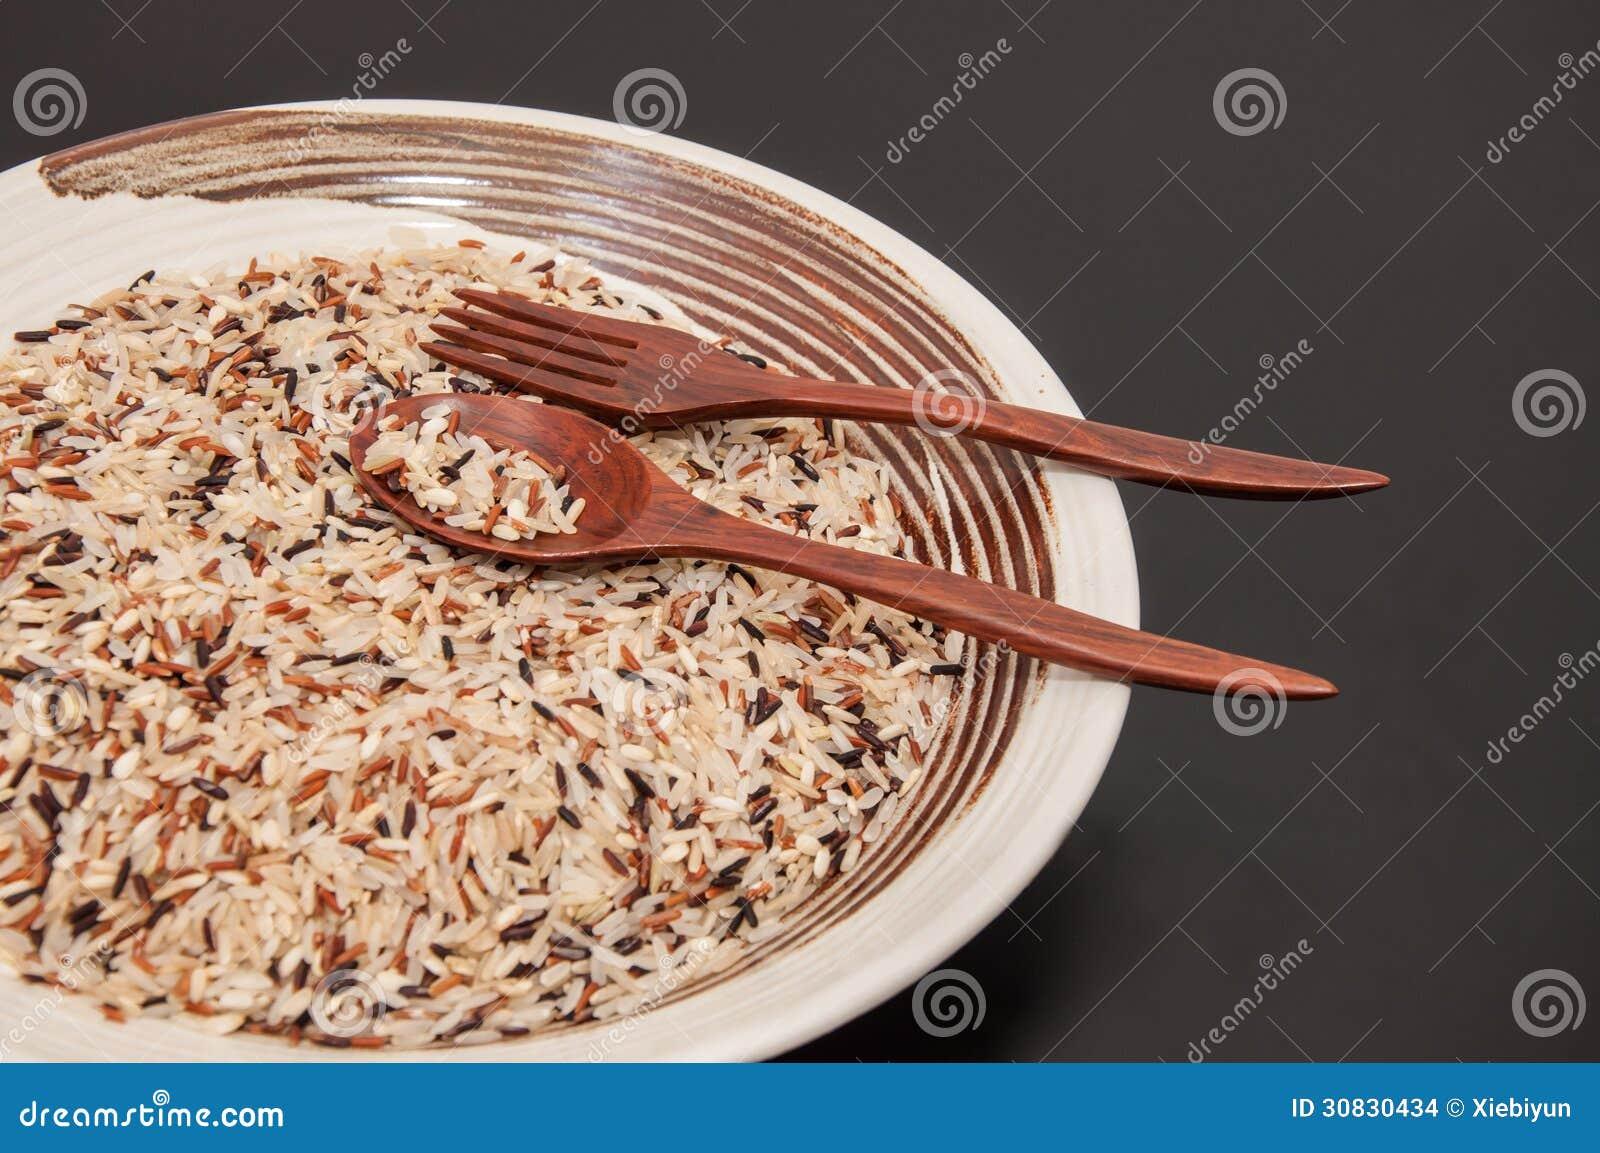 Riso crudo in piatto rotondo.